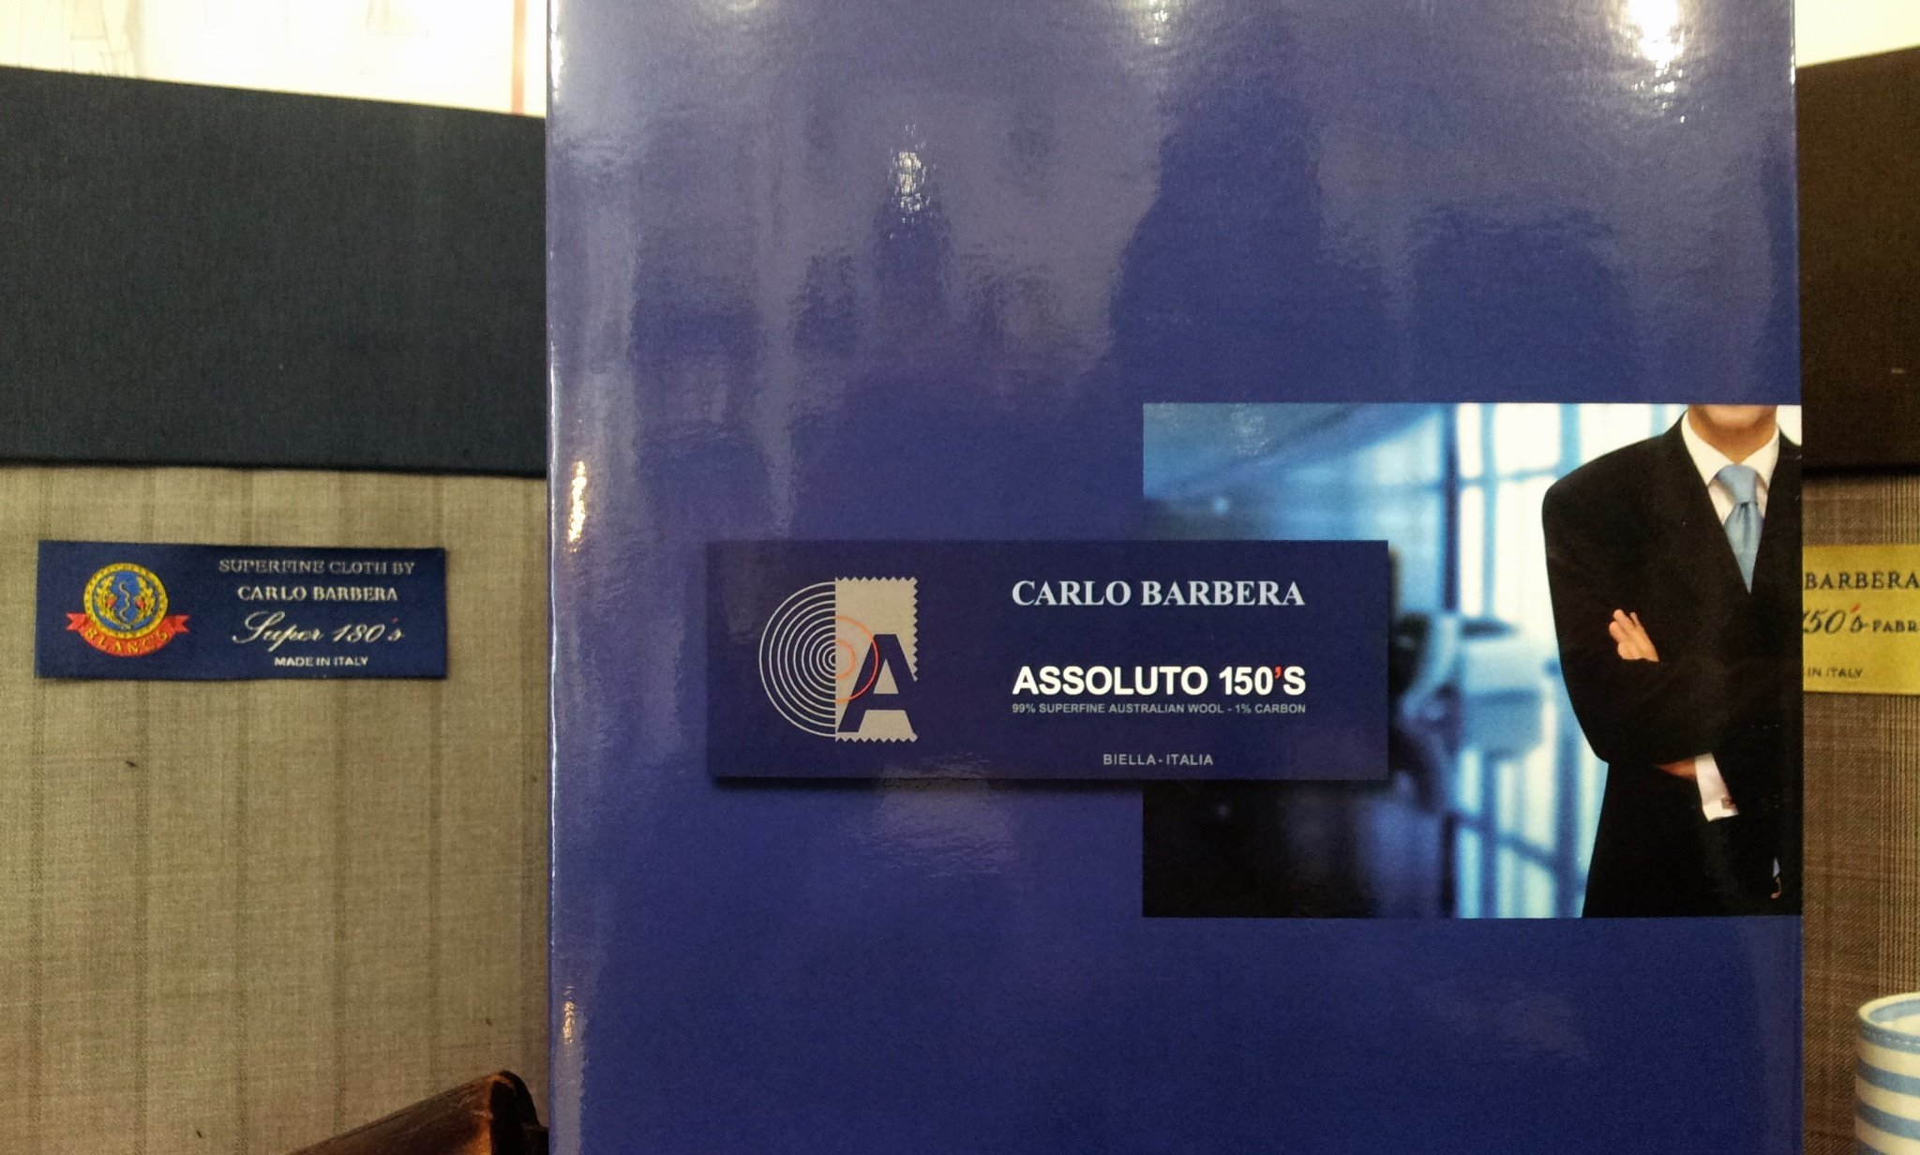 Assoluto 150'S di Carlo Barbera ~ il tessuto intelligente che protegge dai campi elettromagnetici.